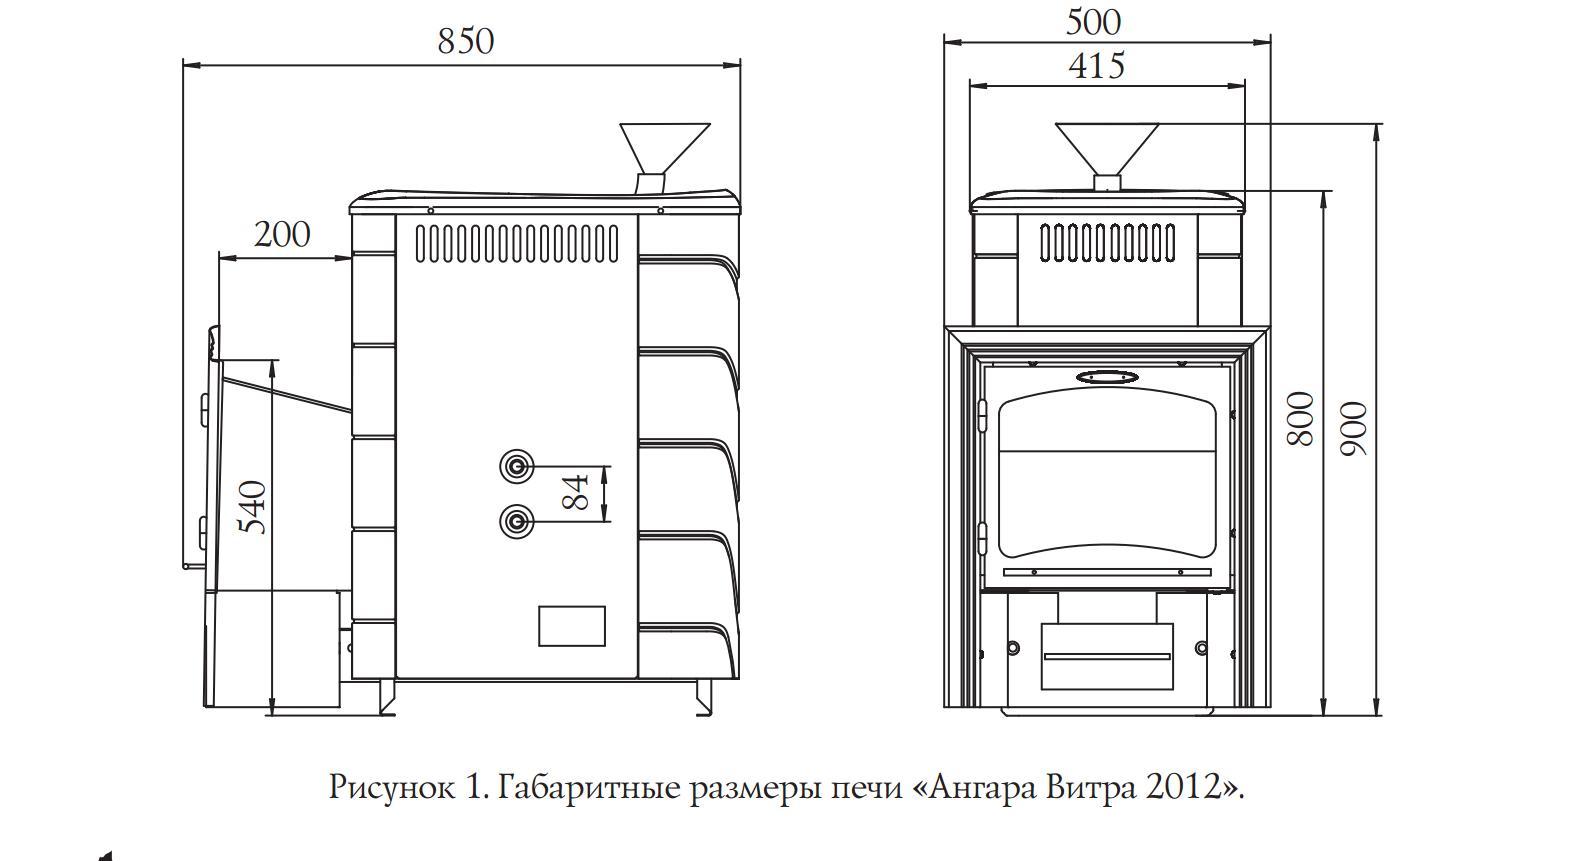 Ангара витра с теплообменником кожухотрубный теплообменники пластинчатый эффективность